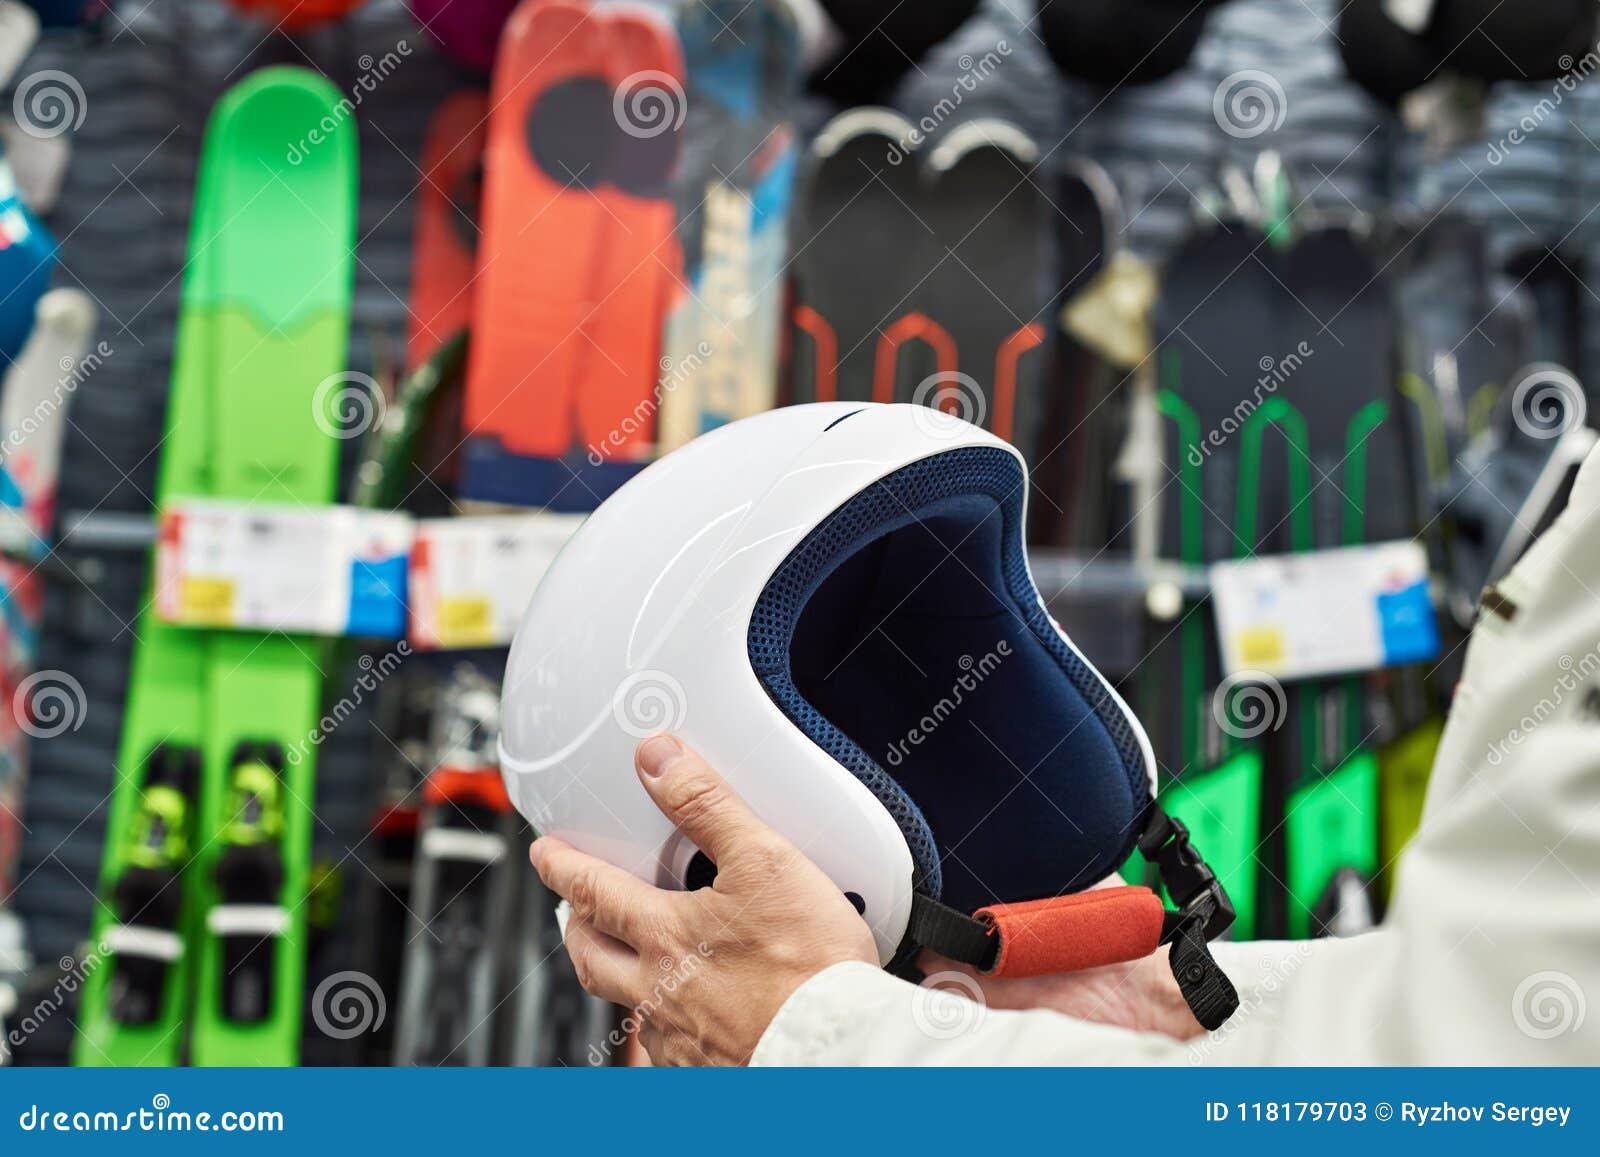 1fdf8da3d22 Casco protector de los deportes para esquiar en las manos de hombres